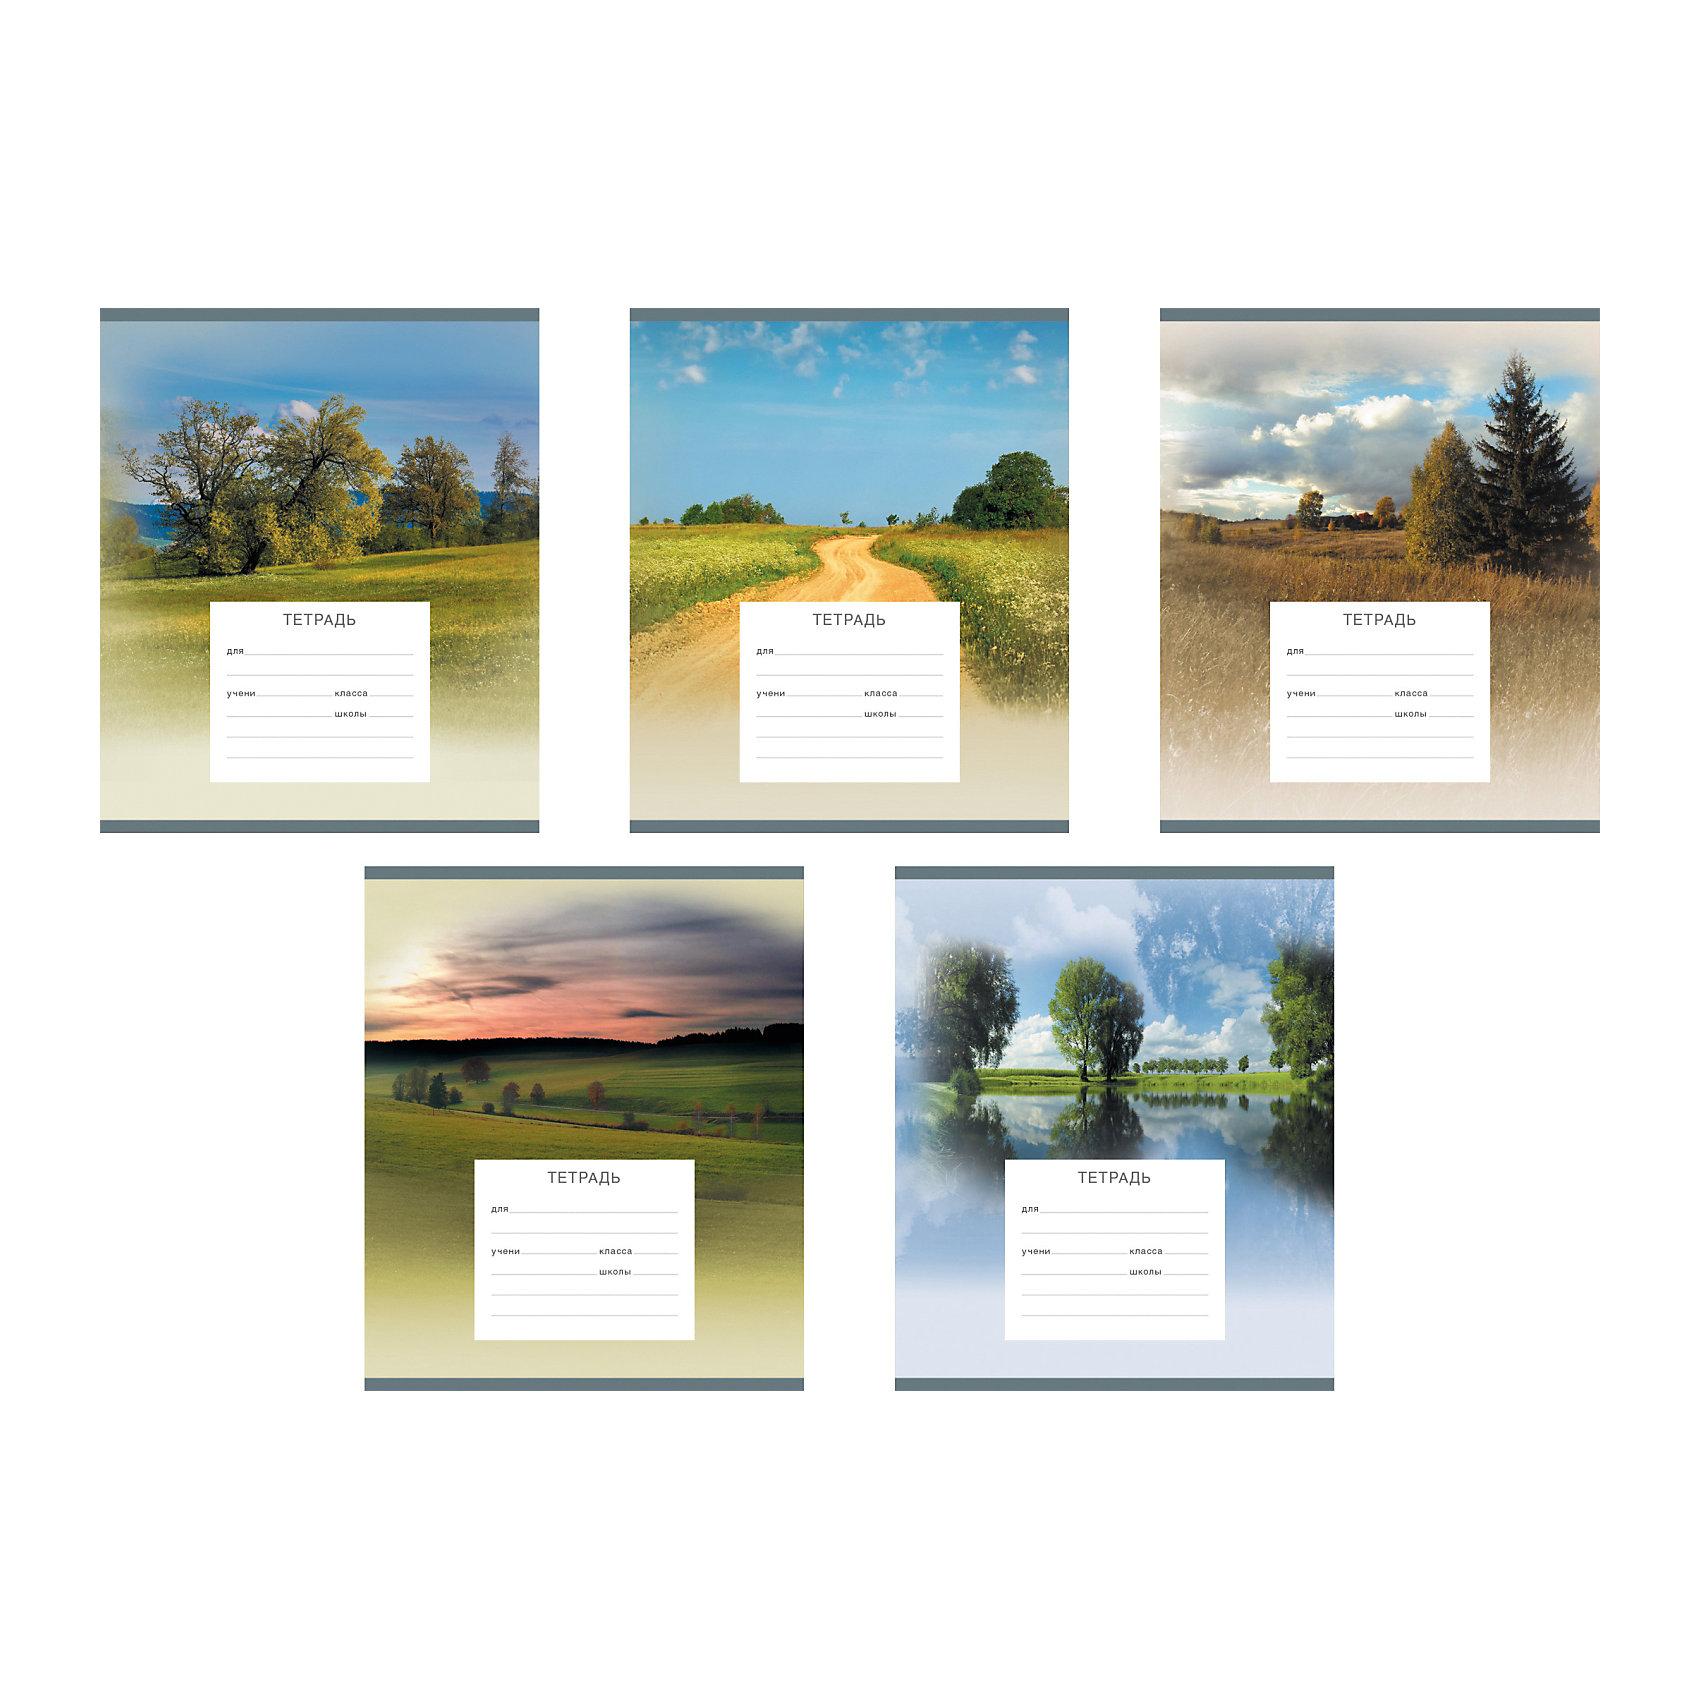 Тетрадь 24 листа Родные просторы, упаковка из 10 шт.Бумажная продукция<br>Тетрадь 24 листа Родные просторы, 10 шт.<br><br>Характеристики:<br><br>• Количество: 10 шт.<br>• Формат: А5<br>• Внутренний блок: 24 листа, линейка, офсет<br>• Тип крепления: скрепка<br>• Обложка: мелованный картон<br>• Упаковка: термопленка<br><br>Тетради в линейку Родные просторы предназначены для школьников. Отличная полиграфия и качественная бумага обеспечат высокое качество письма. Обложка из мелованного картона позволит сохранять тетрадь в аккуратном виде в течение всего периода использования. На задней обложке тетради – русский и английский алфавит.<br><br>Тетрадь 24 листа Родные просторы, 10 шт. можно купить в нашем интернет-магазине.<br><br>Ширина мм: 170<br>Глубина мм: 40<br>Высота мм: 205<br>Вес г: 582<br>Возраст от месяцев: 60<br>Возраст до месяцев: 204<br>Пол: Унисекс<br>Возраст: Детский<br>SKU: 5540103